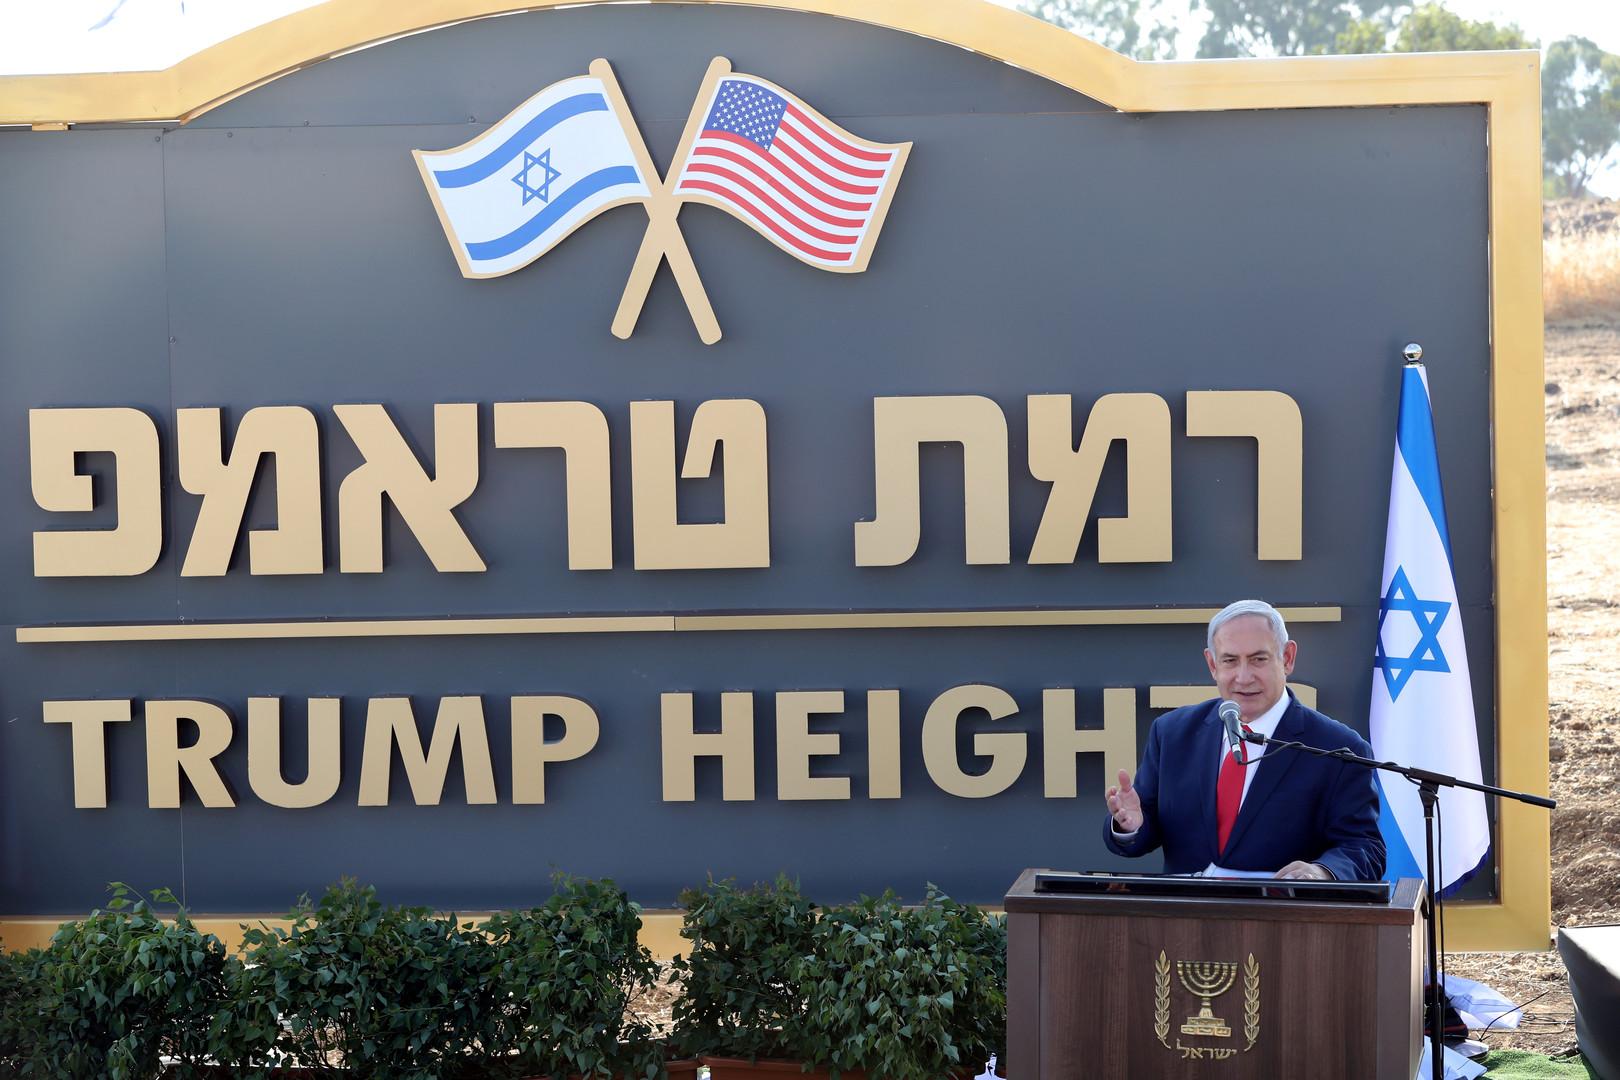 رئيس الوزراء الإسرائيلي، بنيامين نتنياهو، يدشن مستوطنة جديدة في مرتفعات الجولان المحتلة تكريما للرئيس الأمريكي، دونالد ترامب